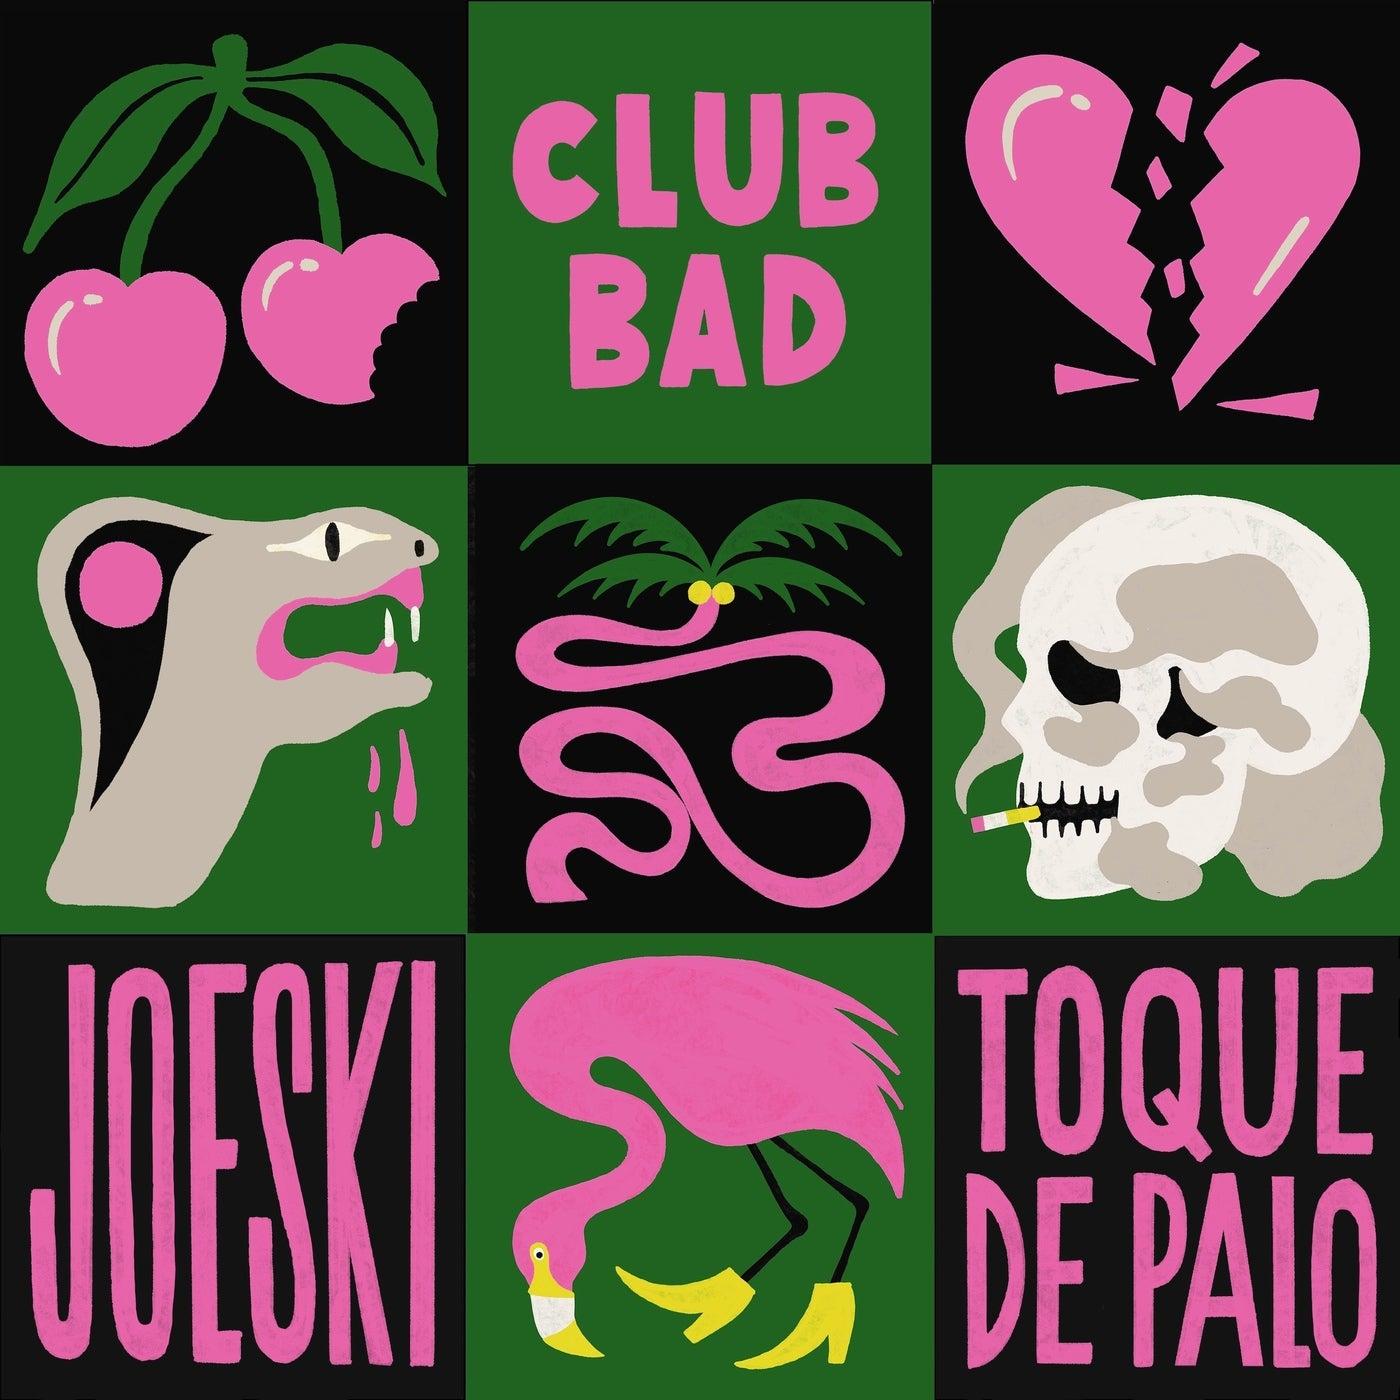 Toque De Palo (Original Mix)